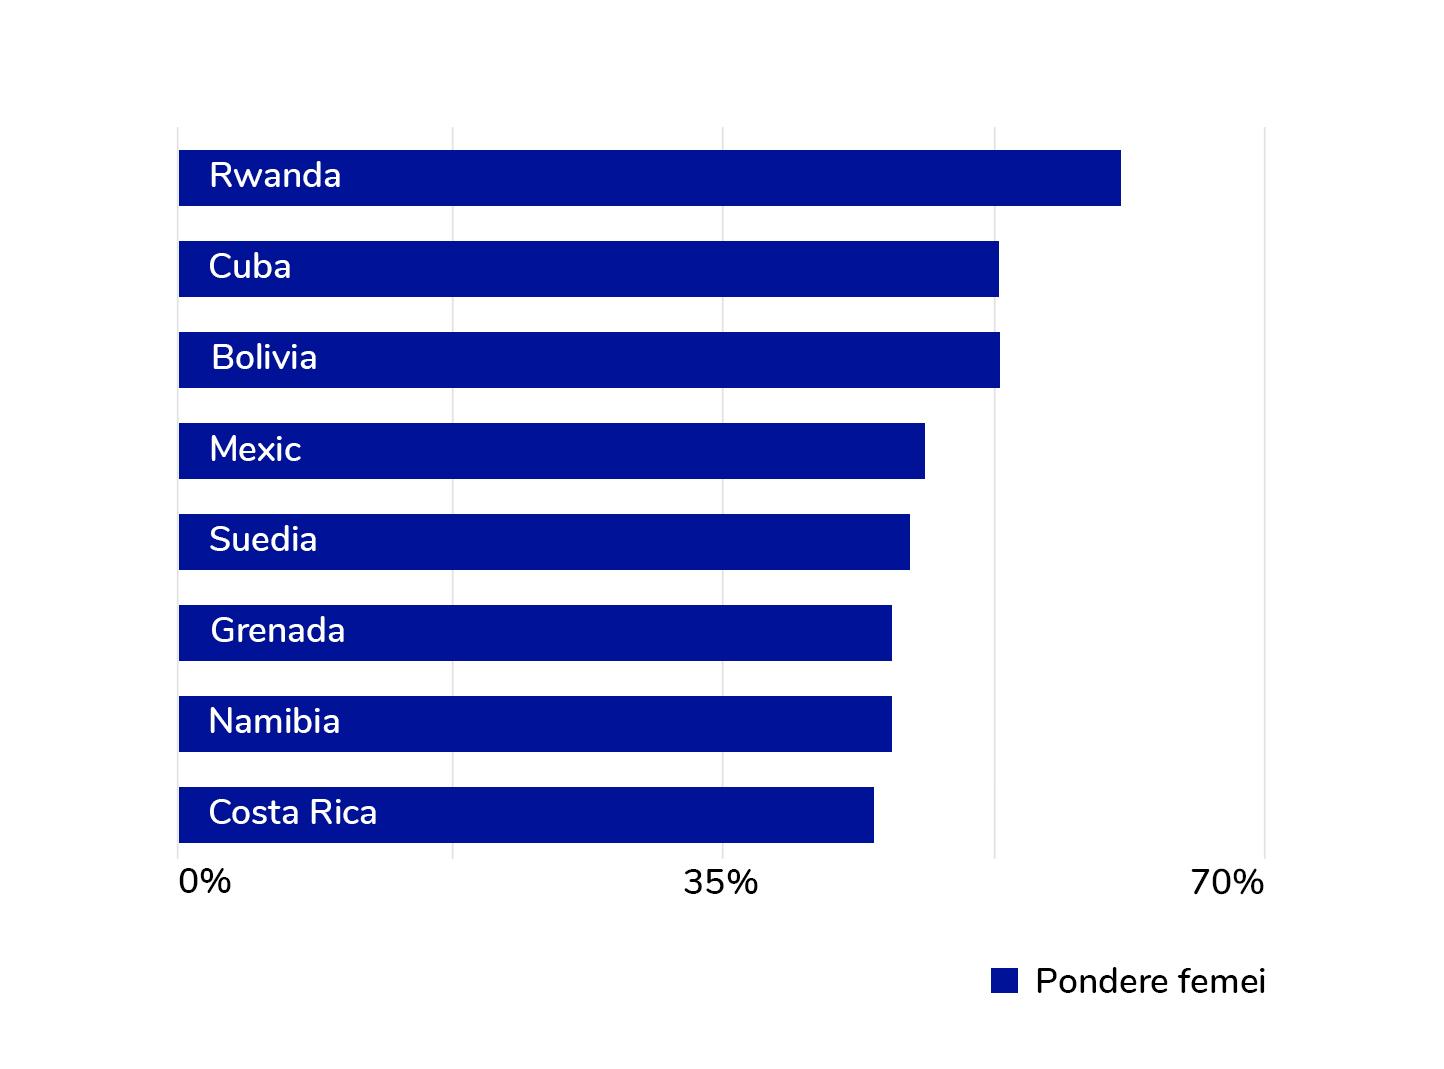 Țările cu cele mai multe femei în Parlament